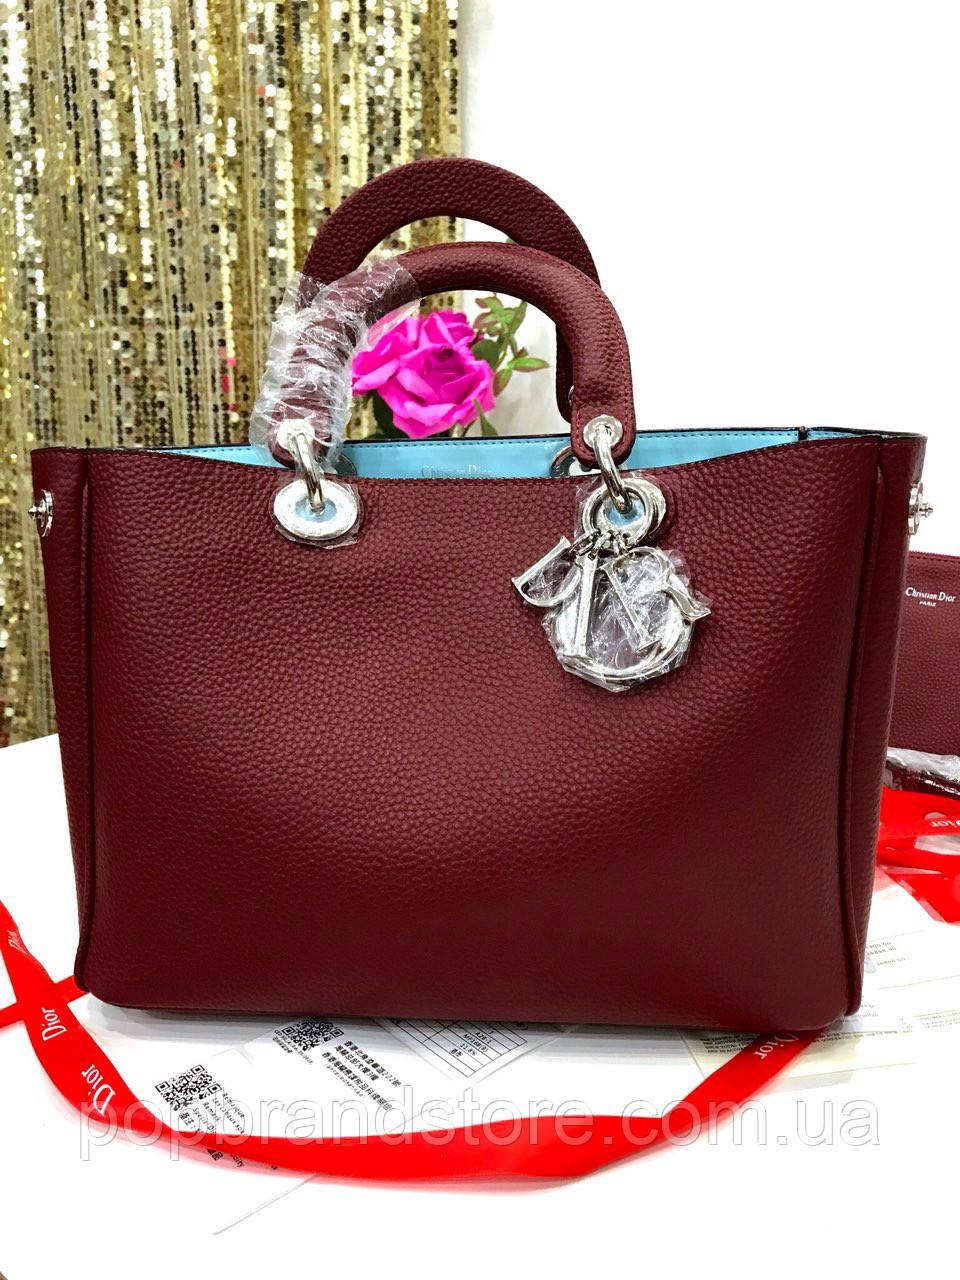 Женская кожаная сумка DIOR Diorissimo lux бордо (реплика)  продажа ... 4ce9641094d